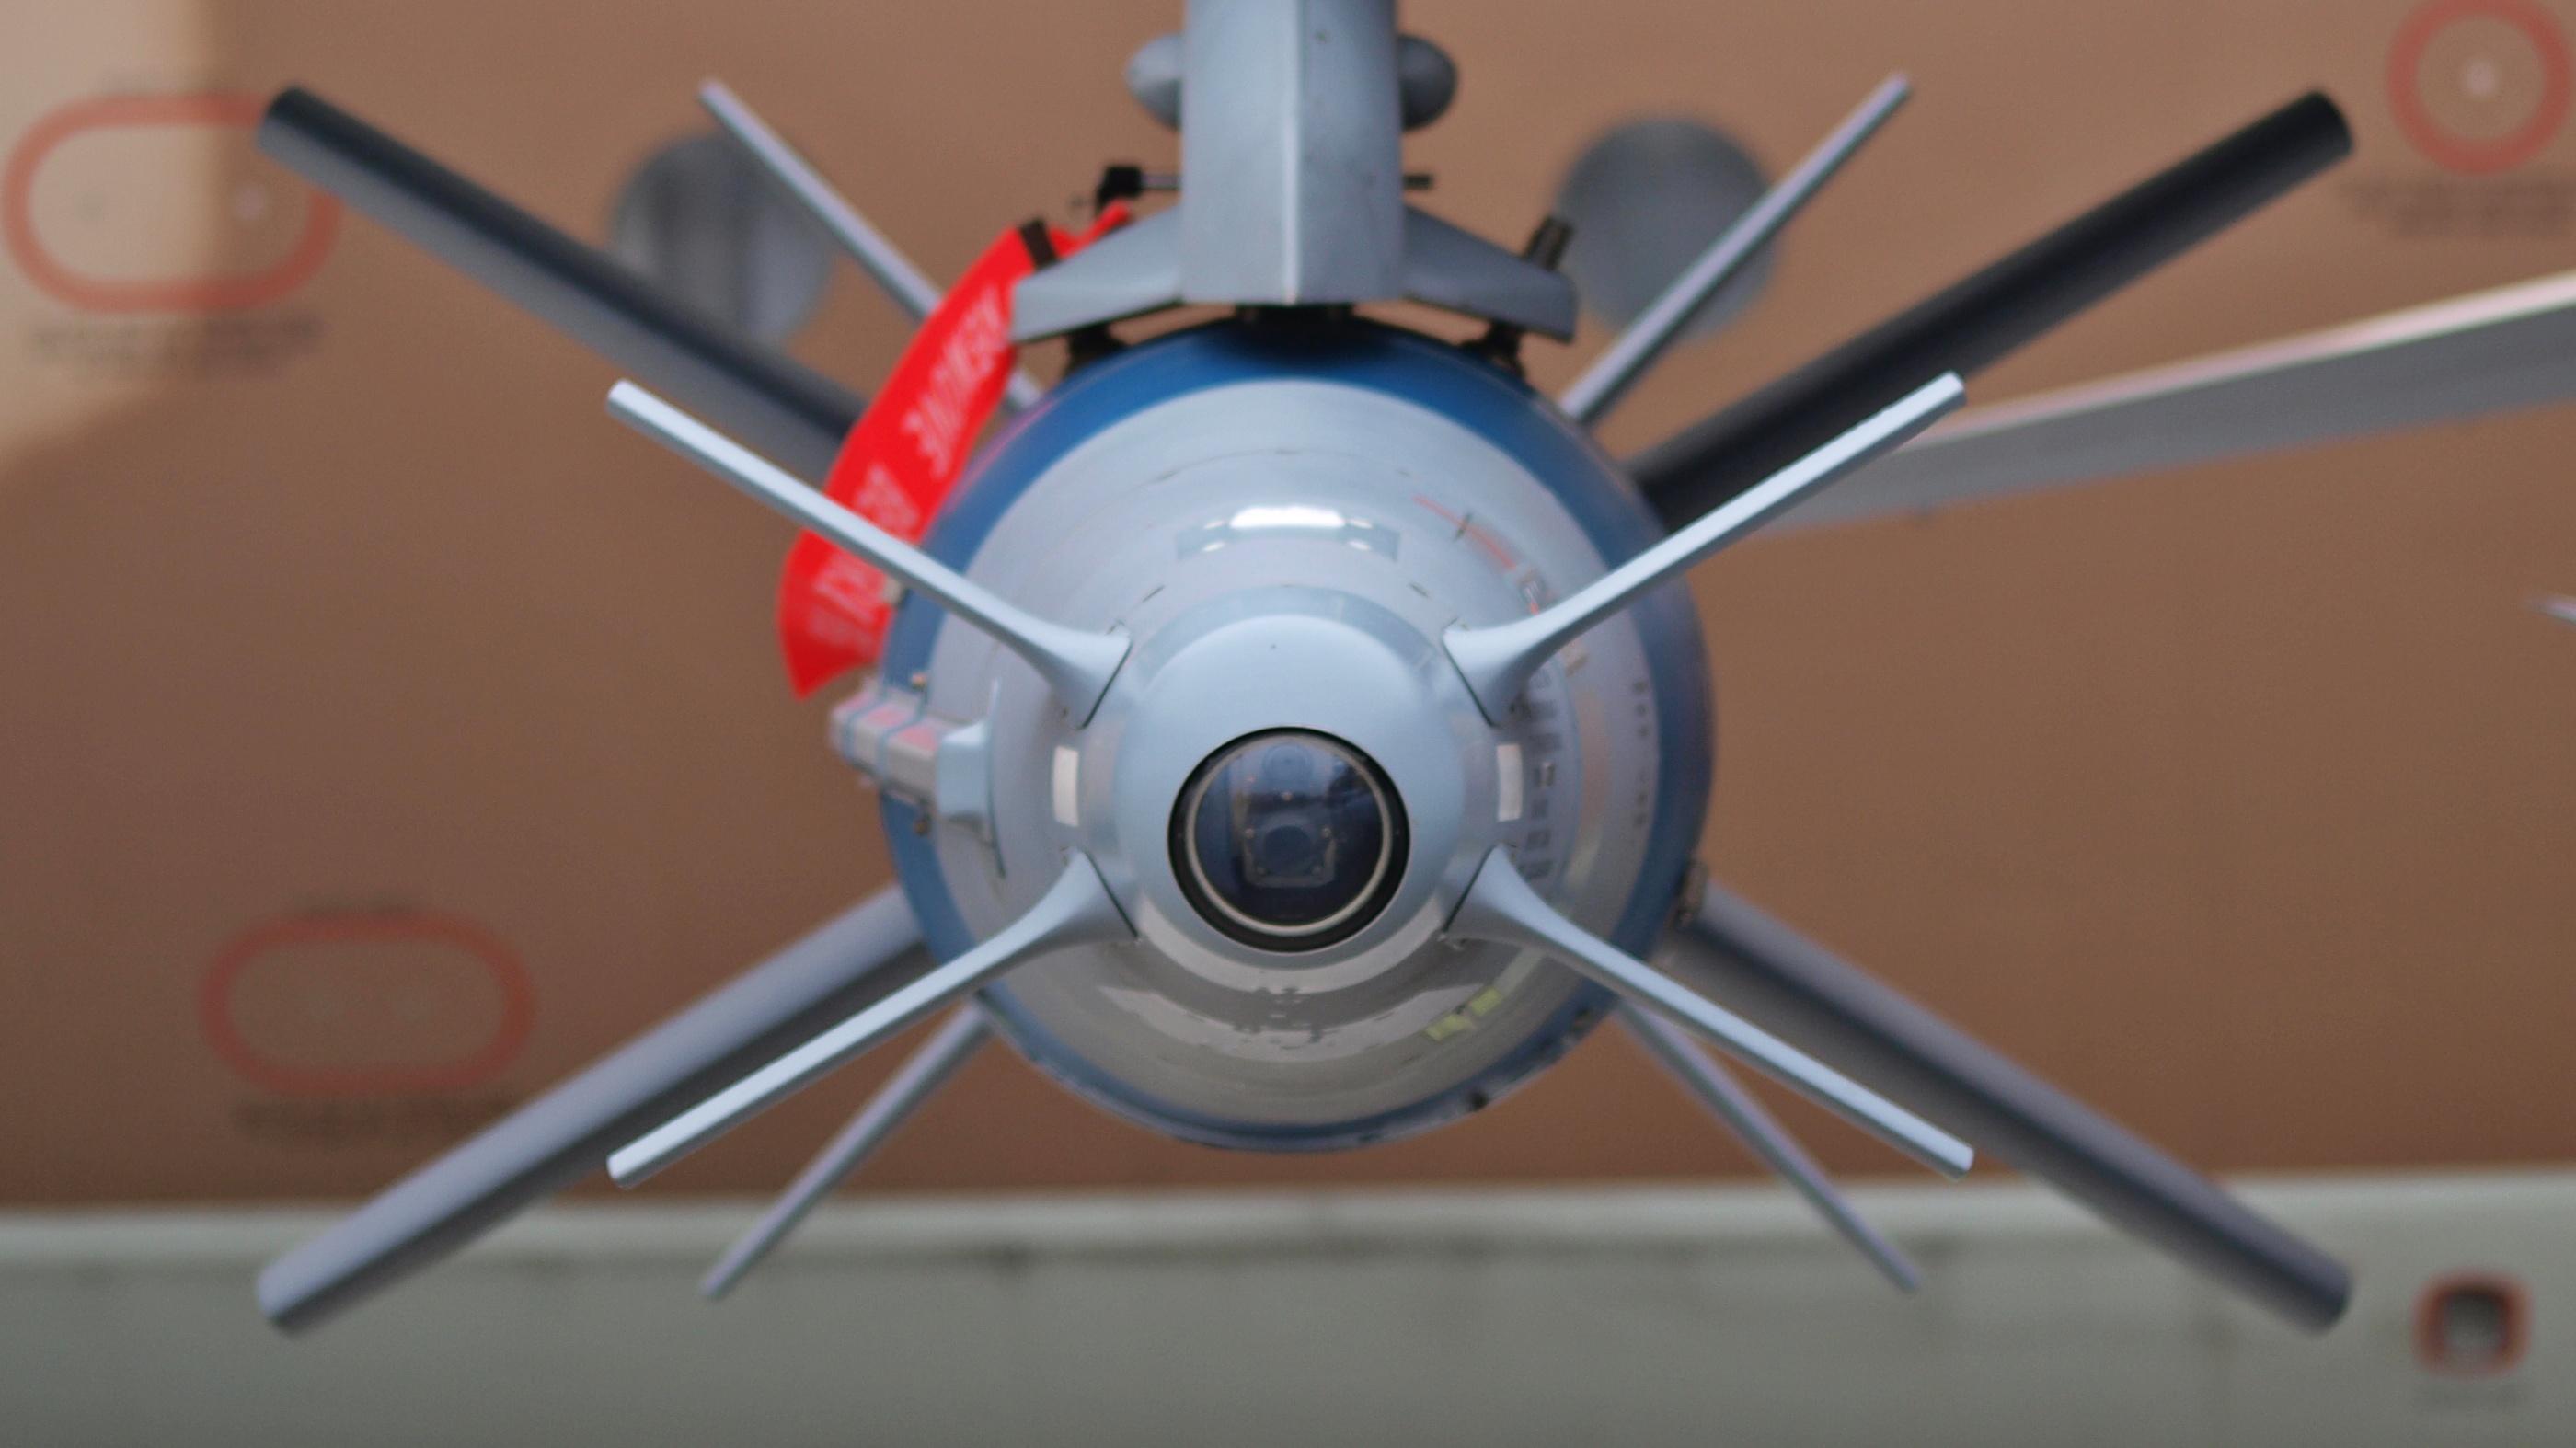 या बॉम्बचं वैशिष्ट्य म्हणजे हा गाईडेड बॉम्ब आहे. यात दोन भाग आहेत. पहिल्या भागाच्या पुढे एक कॅमेरा लावलेला असतो. तर मागच्या भागात एक चीप लावलेली आहे. त्यातून यावर नियंत्रण ठेवता येते. कॅमेऱ्याच्या माध्यमातून हा बॉम्ब टार्गेटचा फोटो काढून तो आपल्या मेमरीत असलेल्या फोटोशी जुळवून बघतो आणि नंतर लक्ष्यभेद करतो. SPICE चा अर्थ आहे  Smart, Precise Impact, Cost-Effective